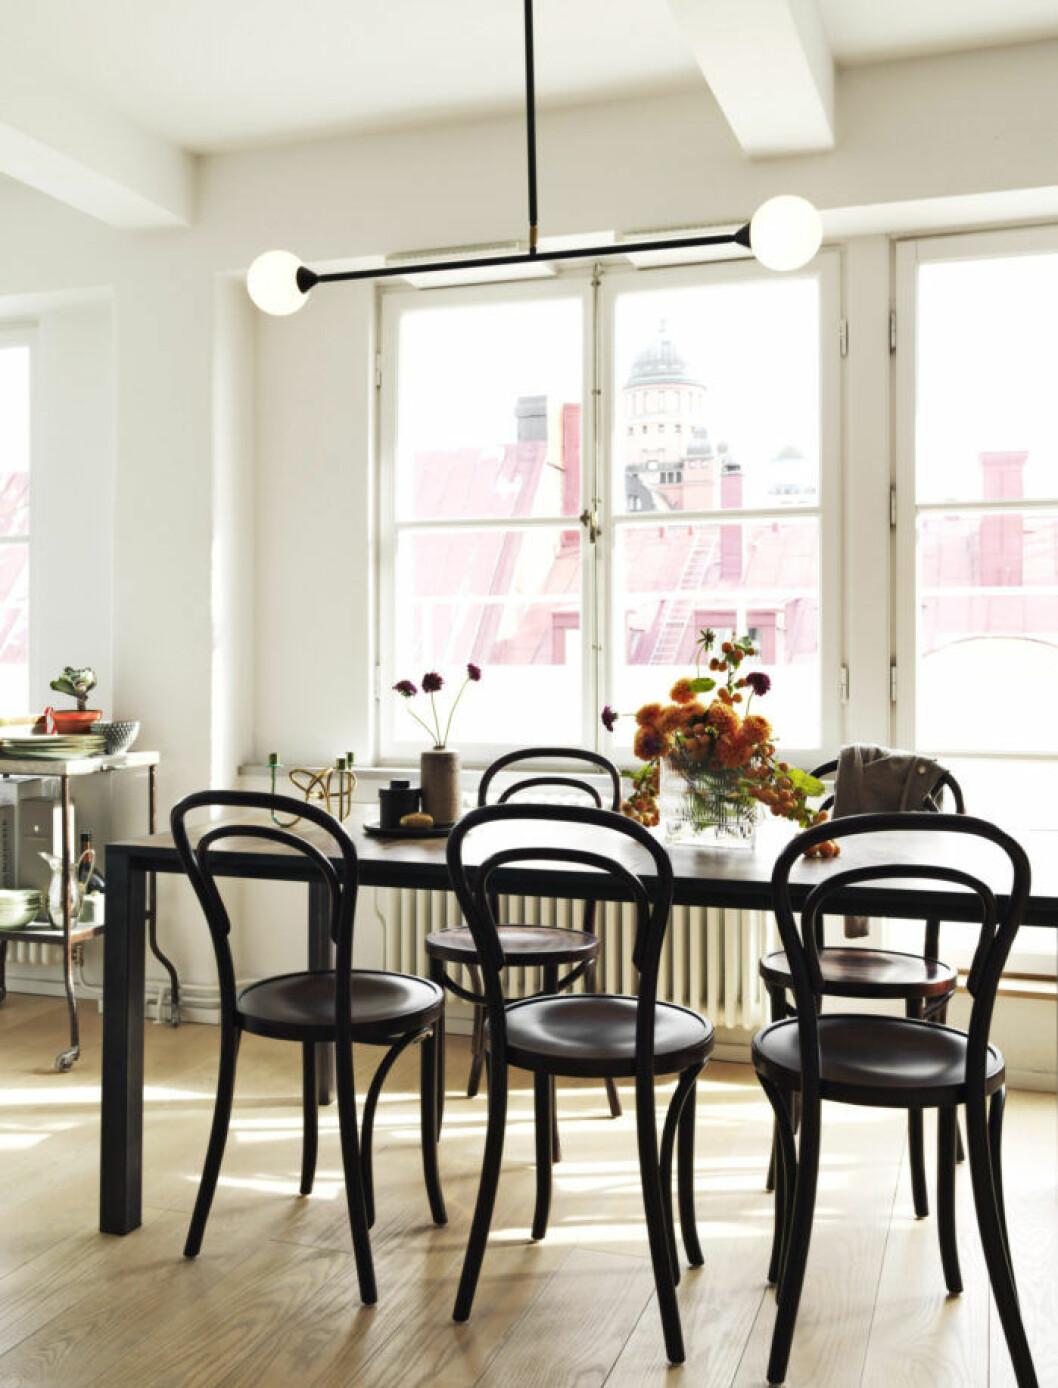 Matplats med matbord i läderskiva och matchande stolar